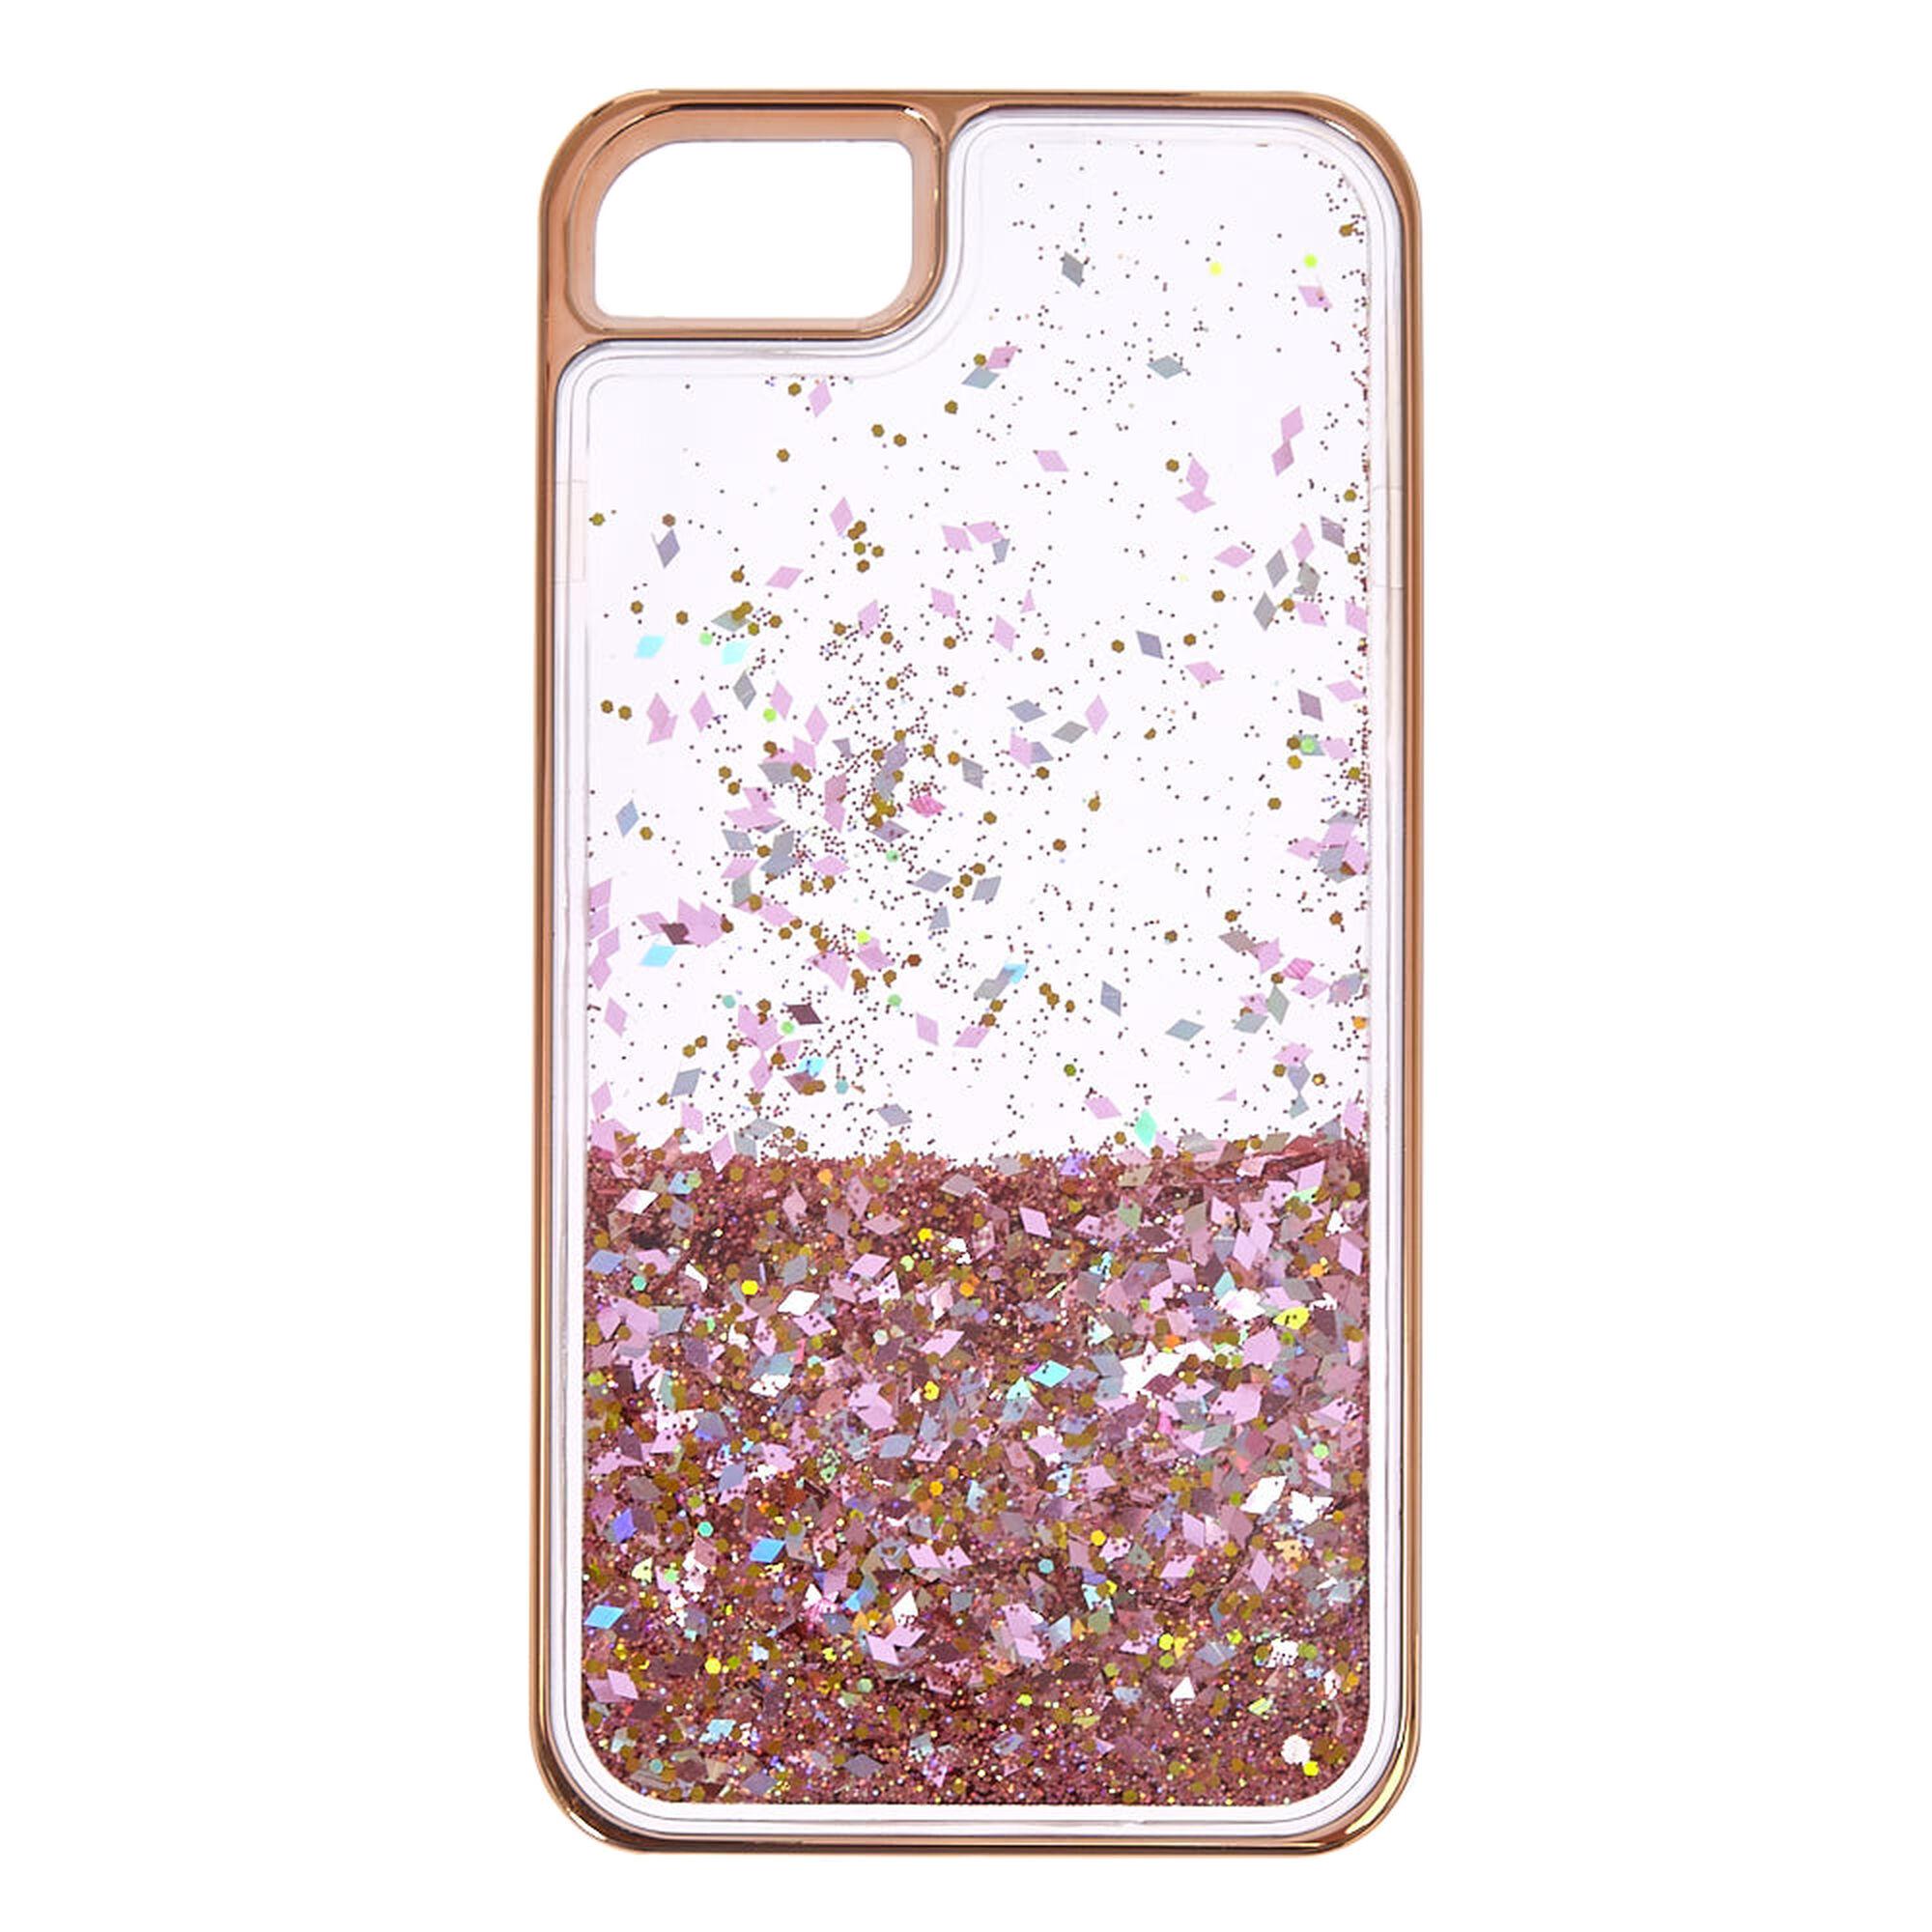 Rose Gold Tone Liquid Filled Glitter Phone Case Claire S Ca